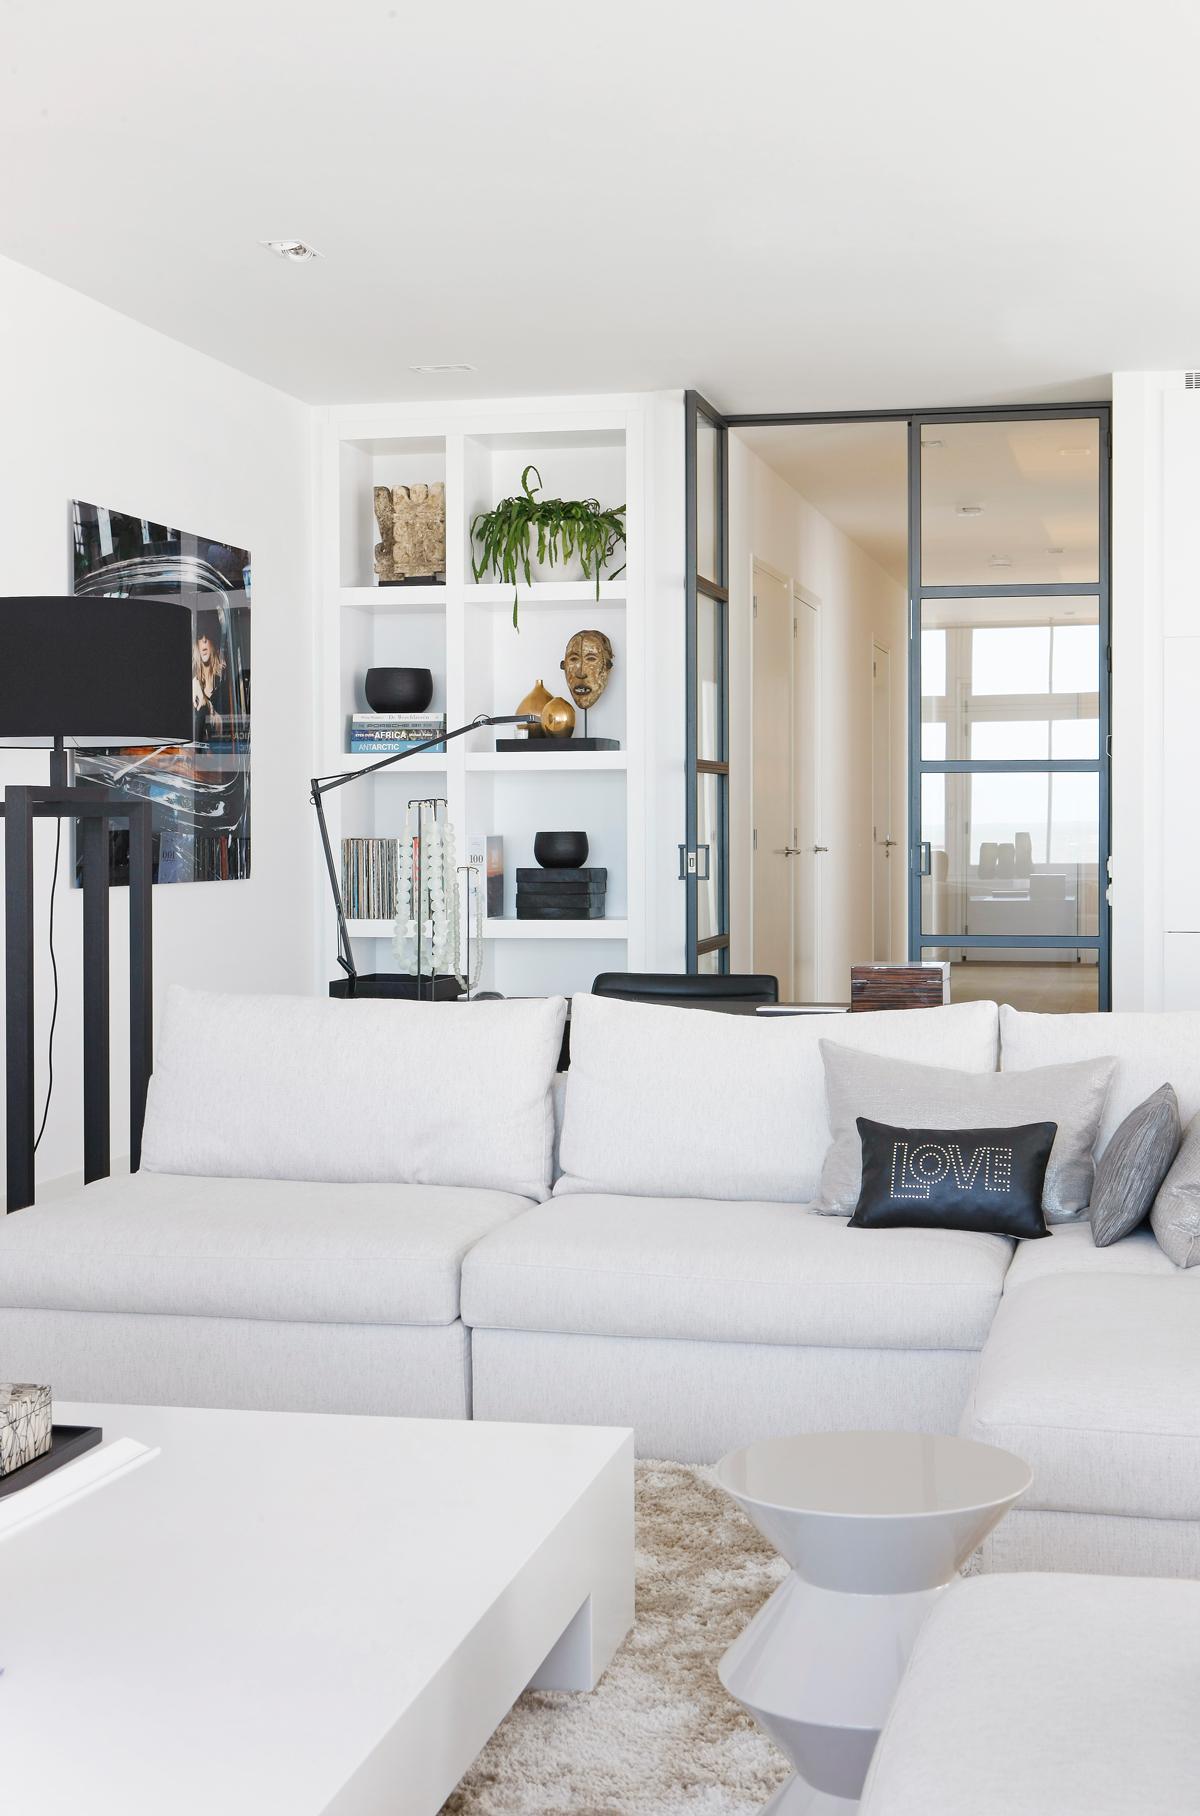 Betrouwbaar 2397 design meubels noordwijk afbeelding opslaan beste voorbeelden afbeeldingen - Idee van interieurontwerp ...